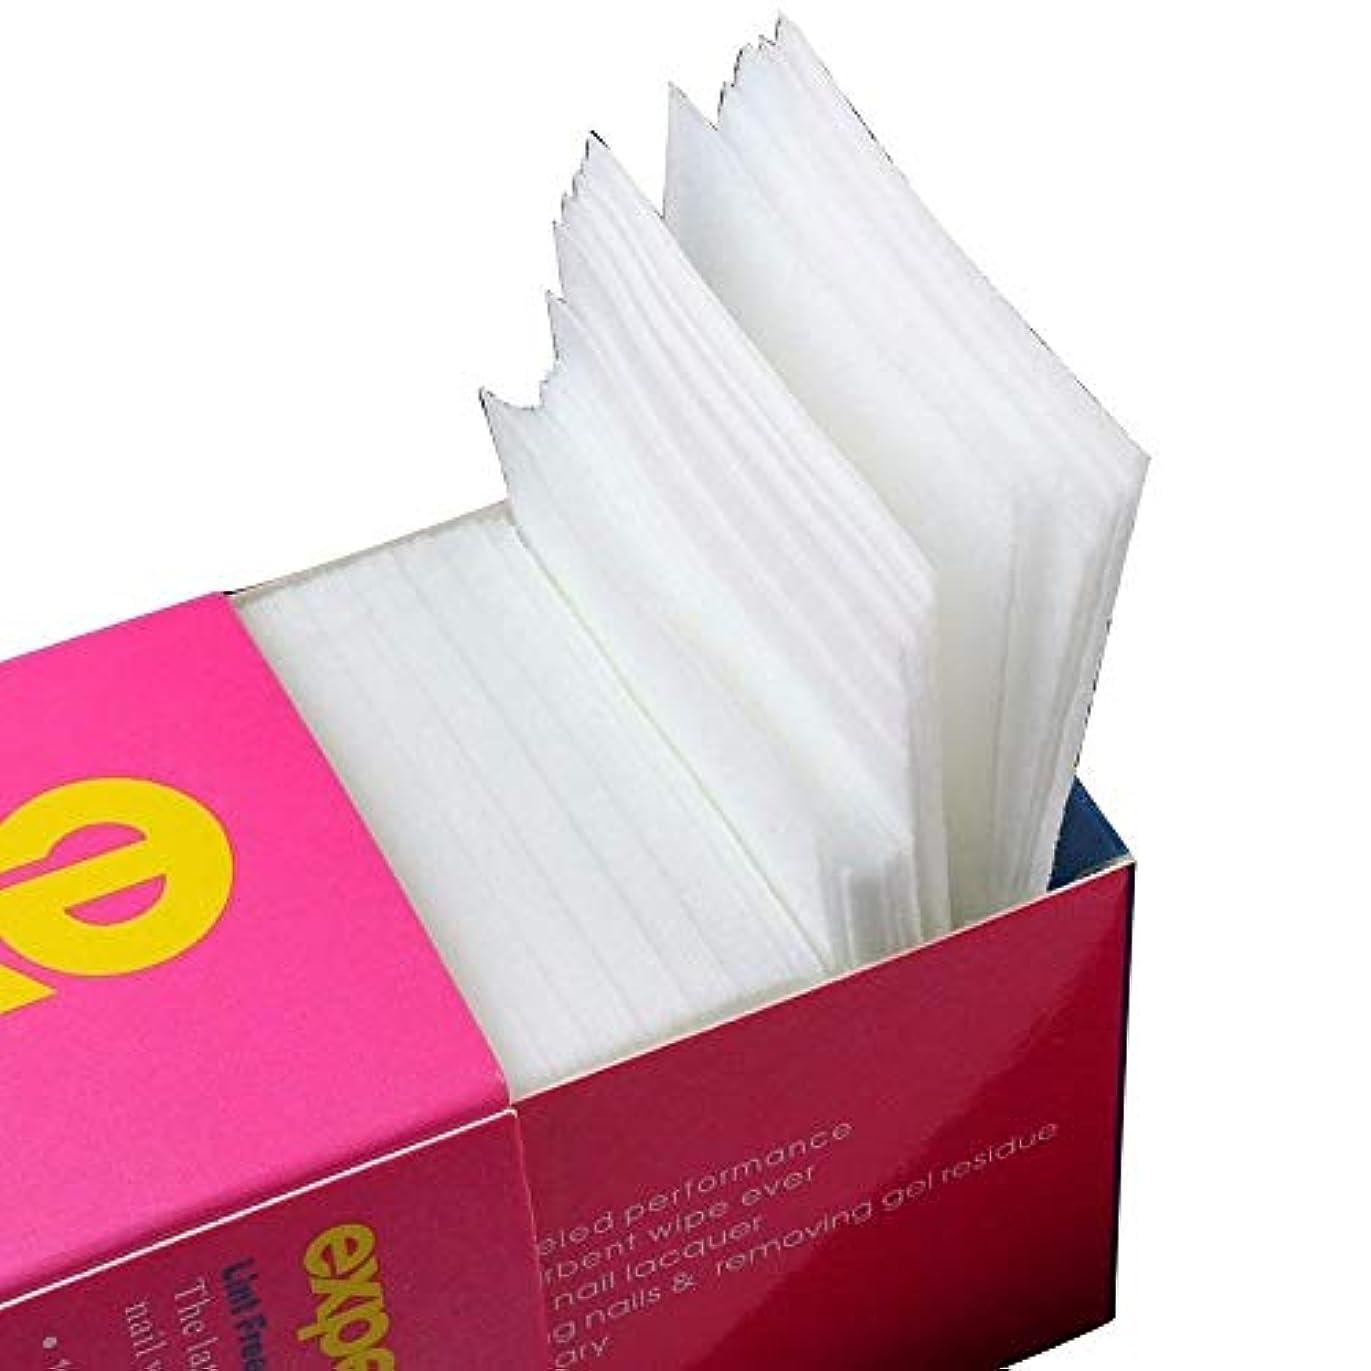 最悪肌寒い動かない1st market 大人気 ネイル ワイプ コットン 天然素材 不織布 ジェルの拭き取り 油分除去 クリーニング 320枚以上 高品質